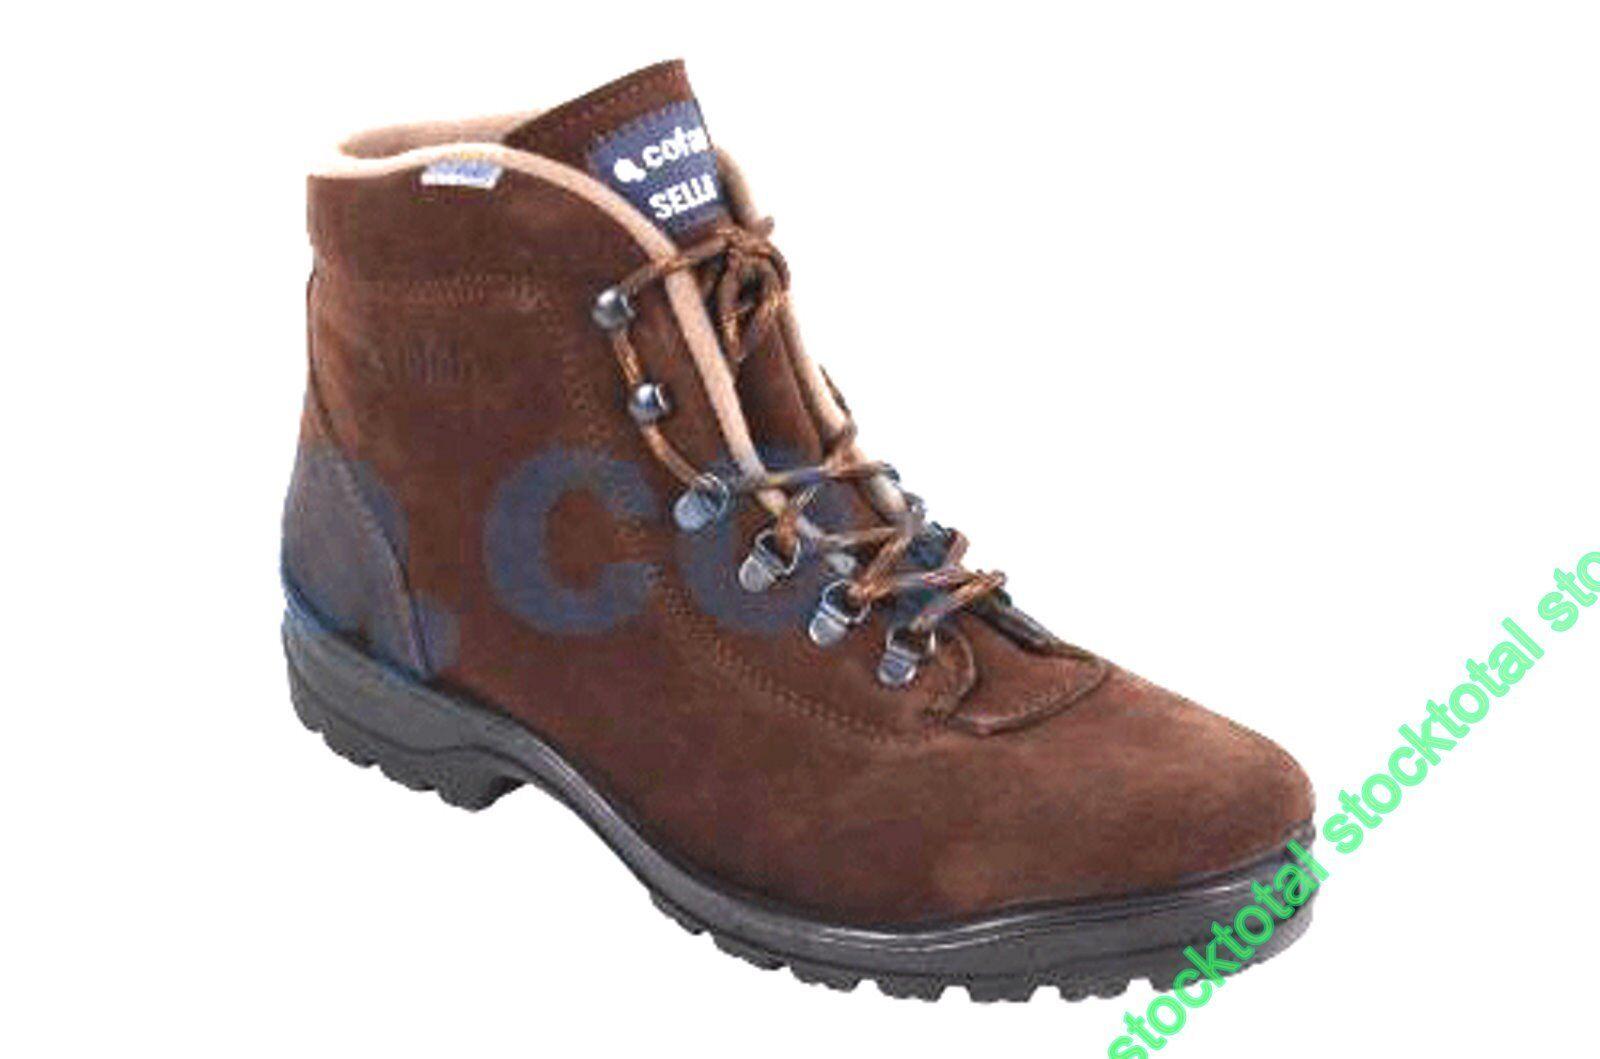 Botas Trekking Modelo Sella con piel Hidrófuga de de de velour marrón de color  Nº 42 8aba57